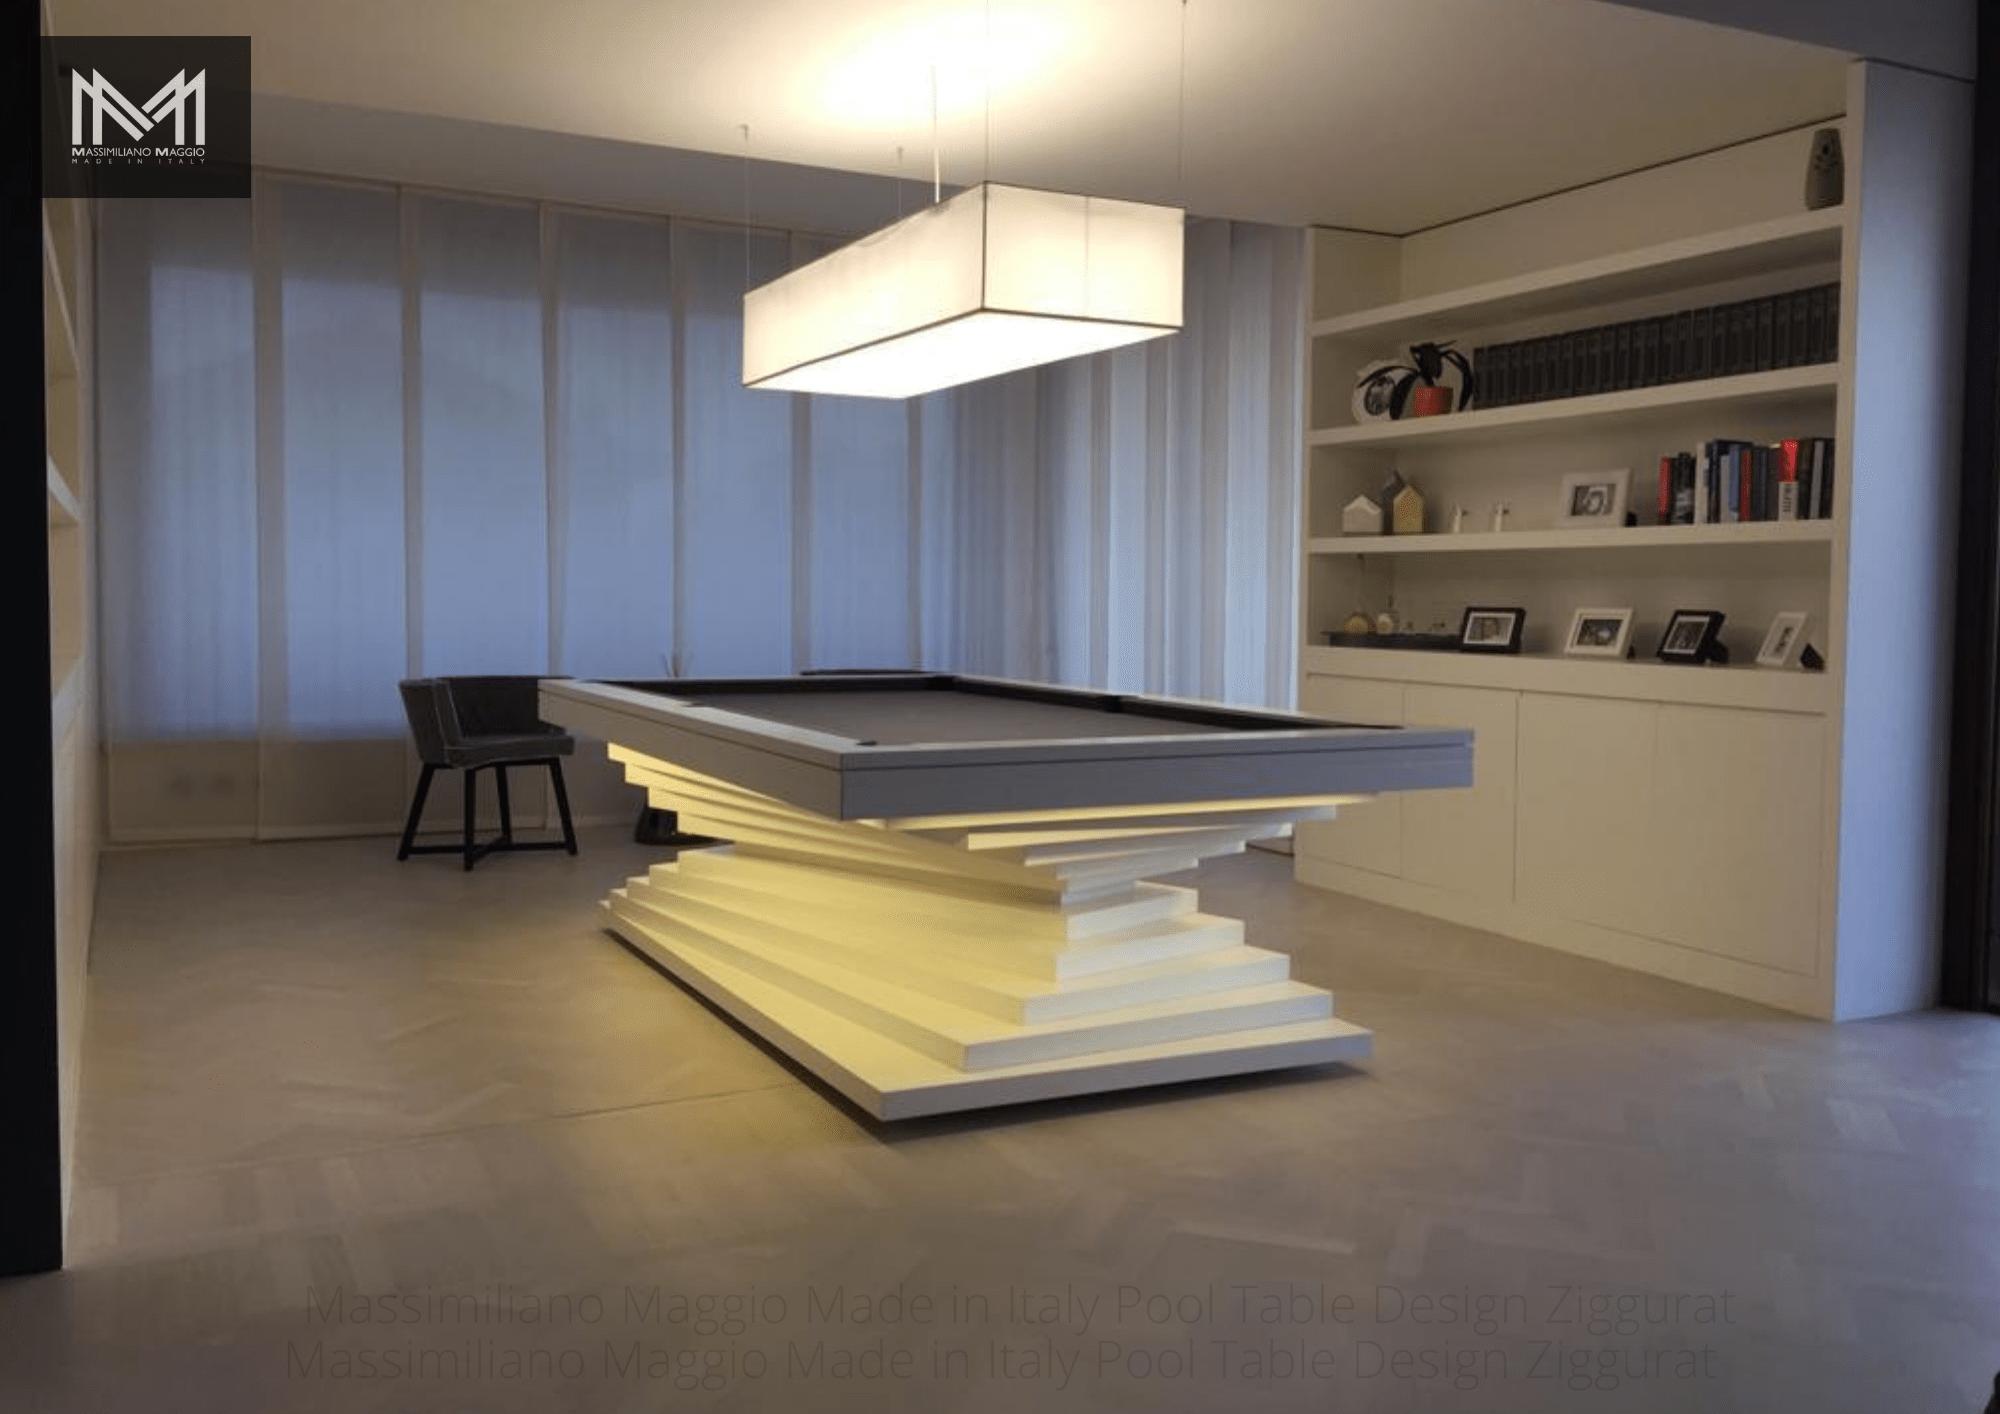 4 Ziggurat Massimiliano Maggio Made in Italy Luxury Pool Table biliardo tavolo